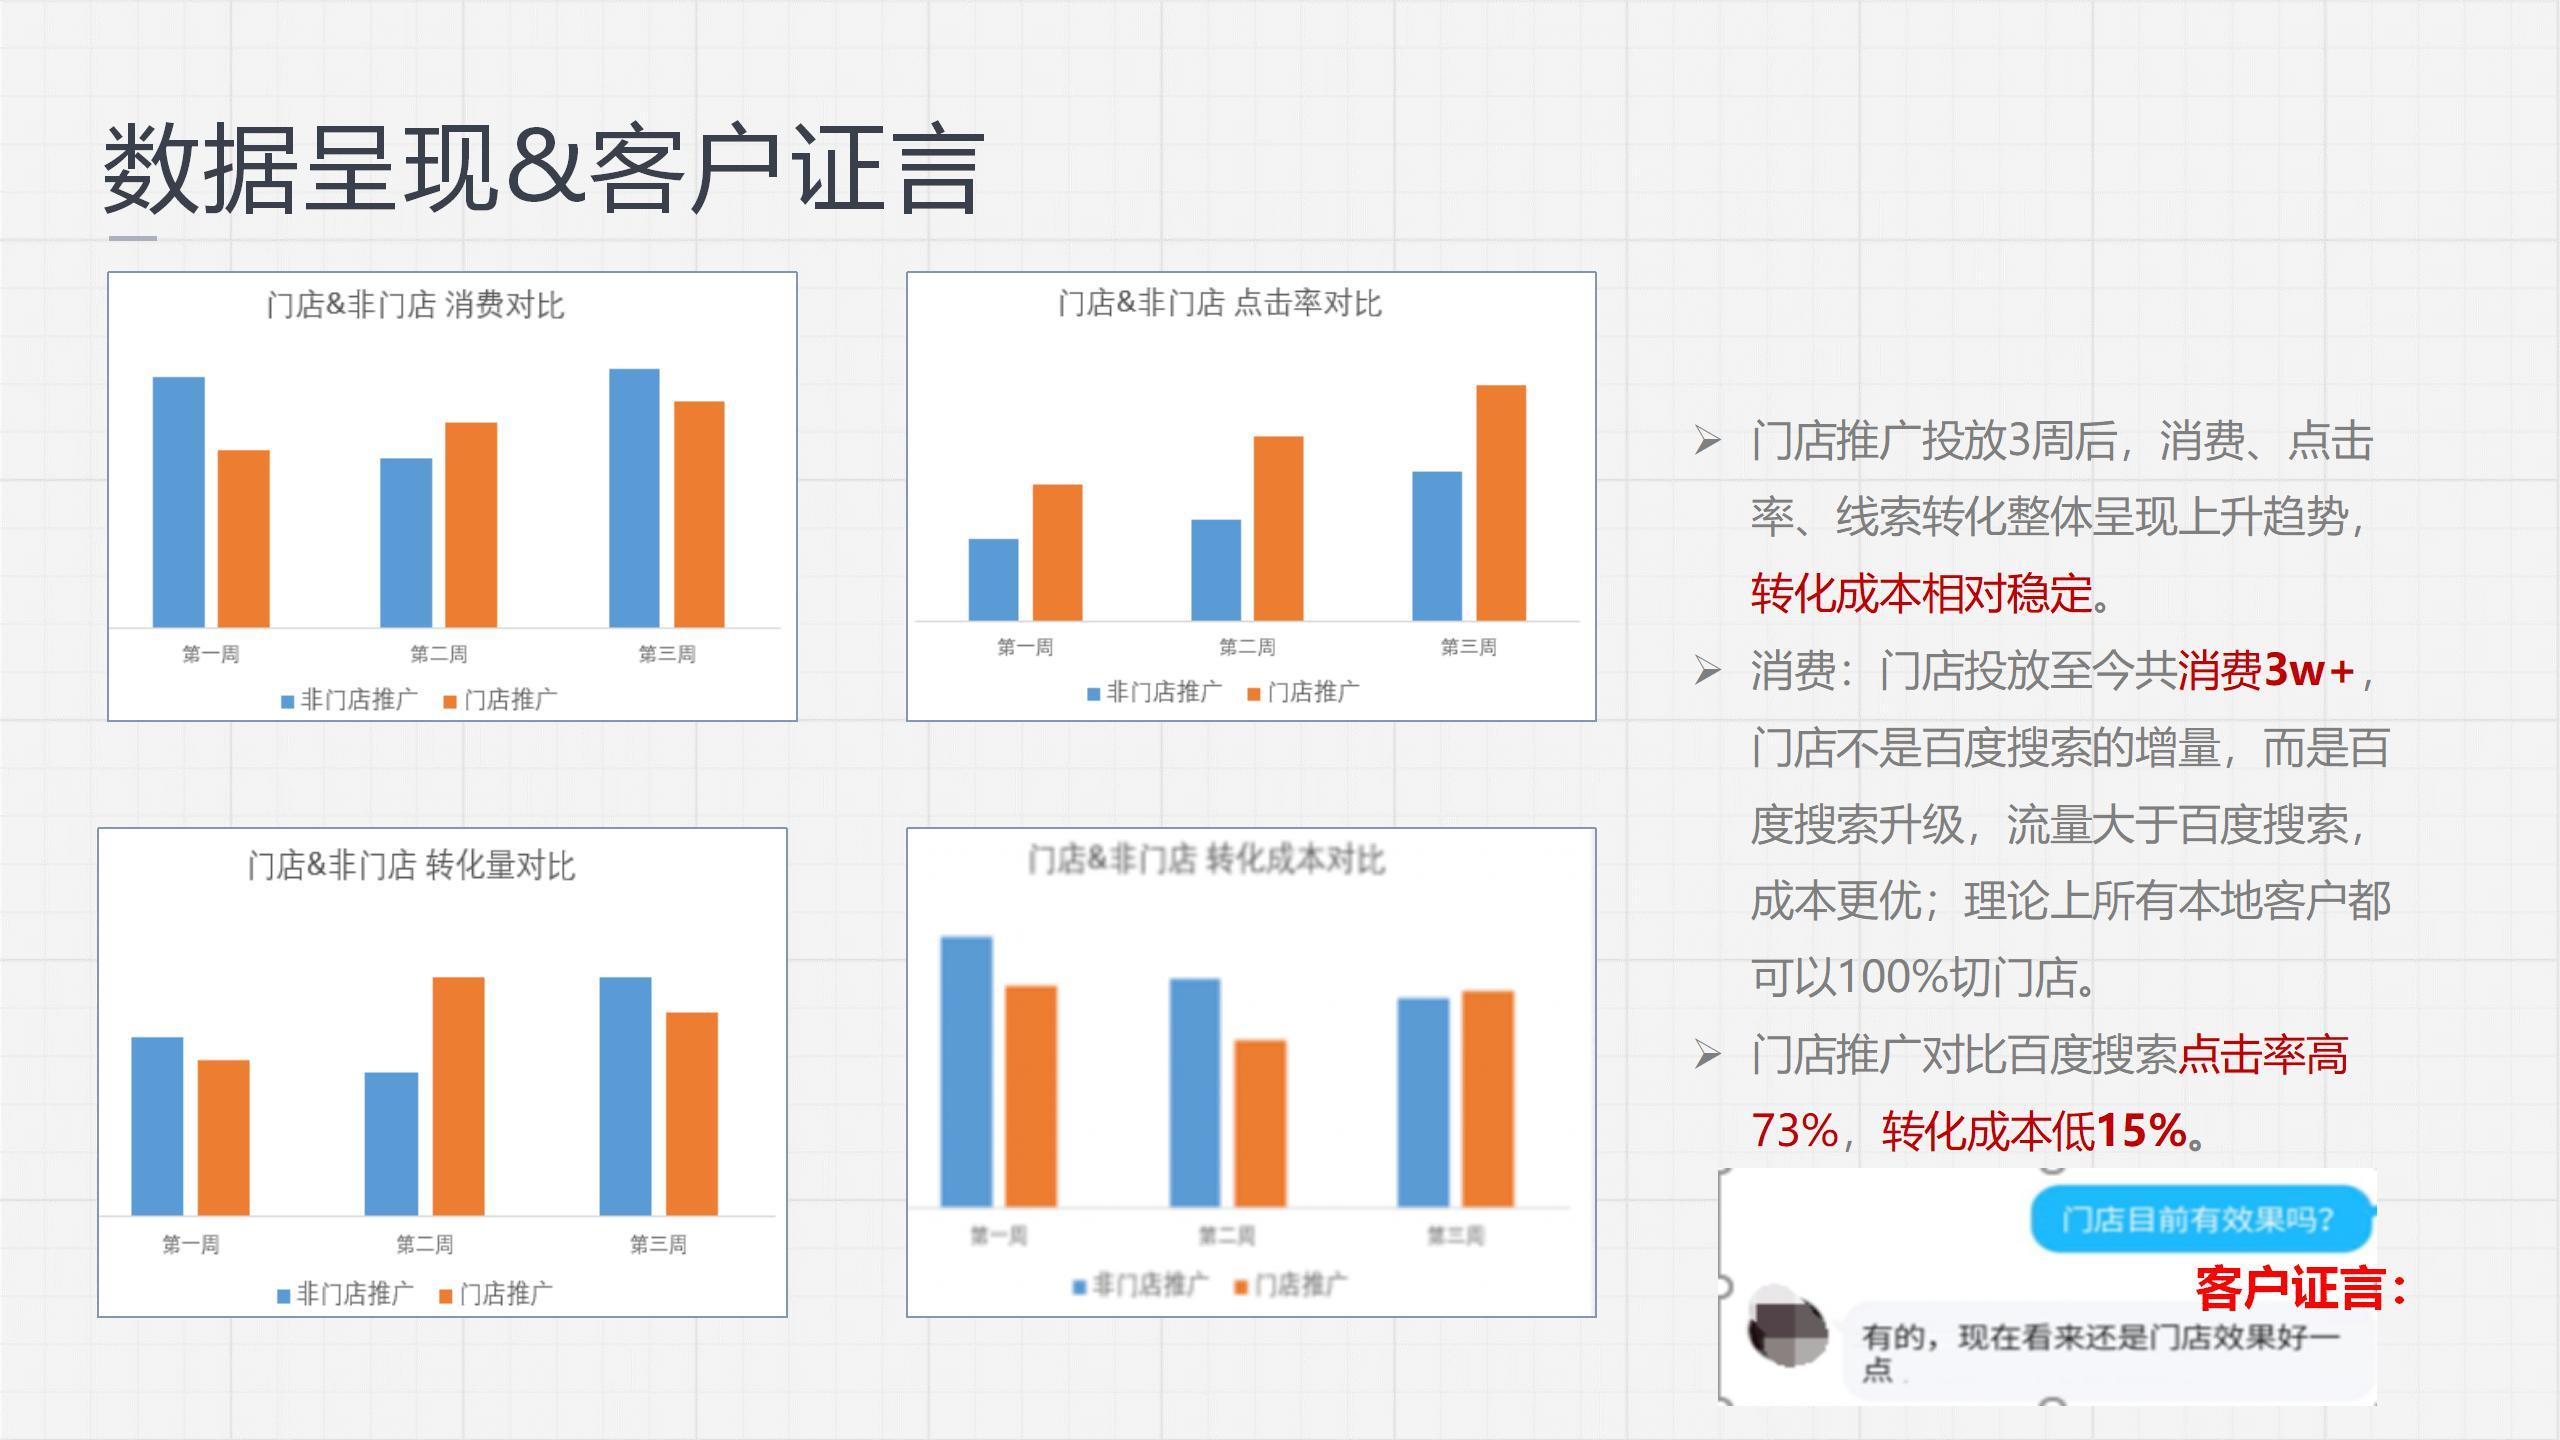 教育培训【直销】上苏-华源教育案例脱敏版未删减._21.jpg